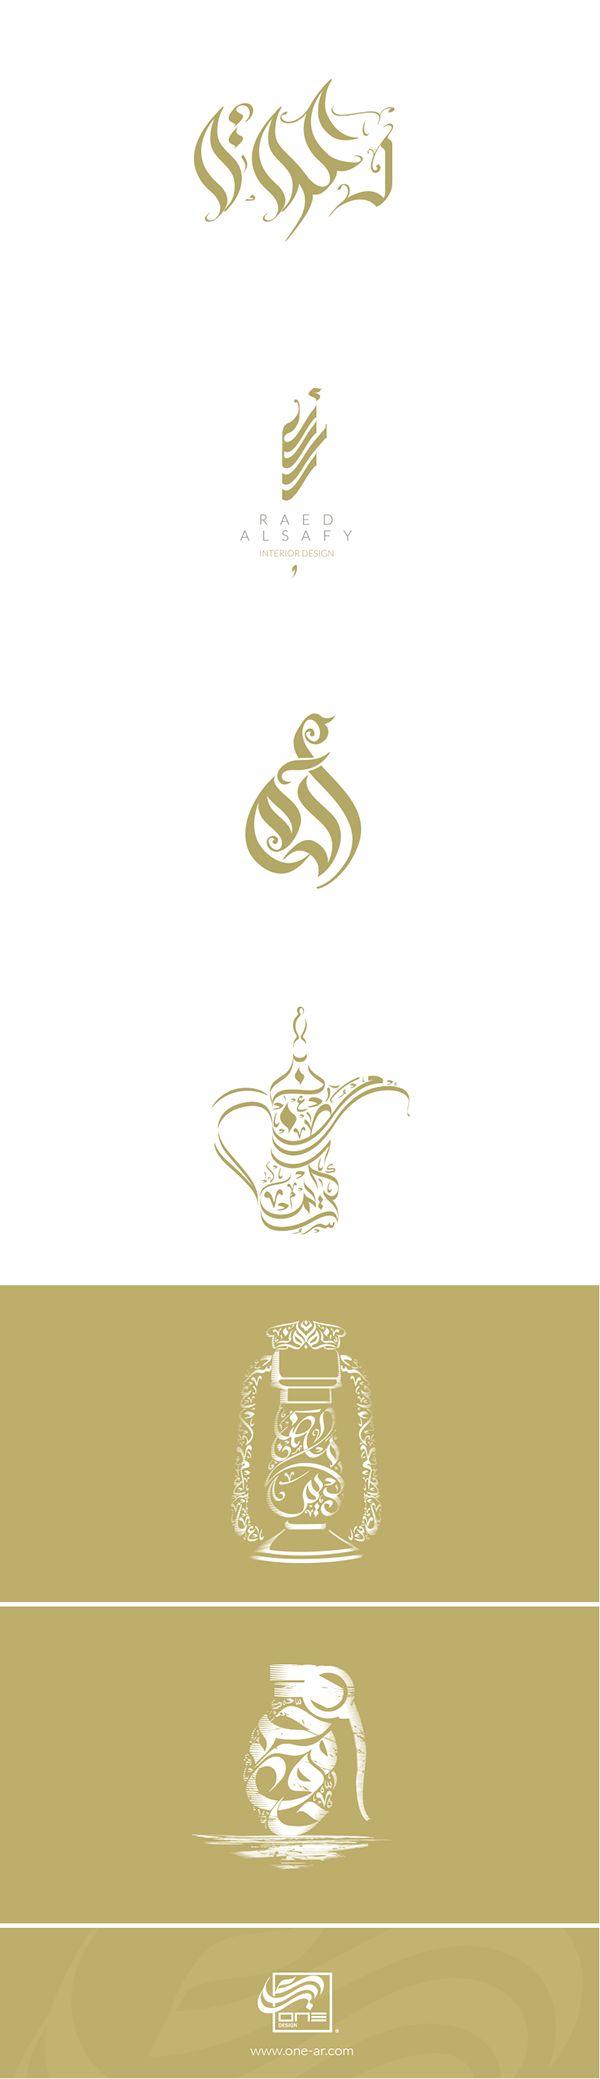 Arabic Calligraphy By Ebrahim Jaffar . eje